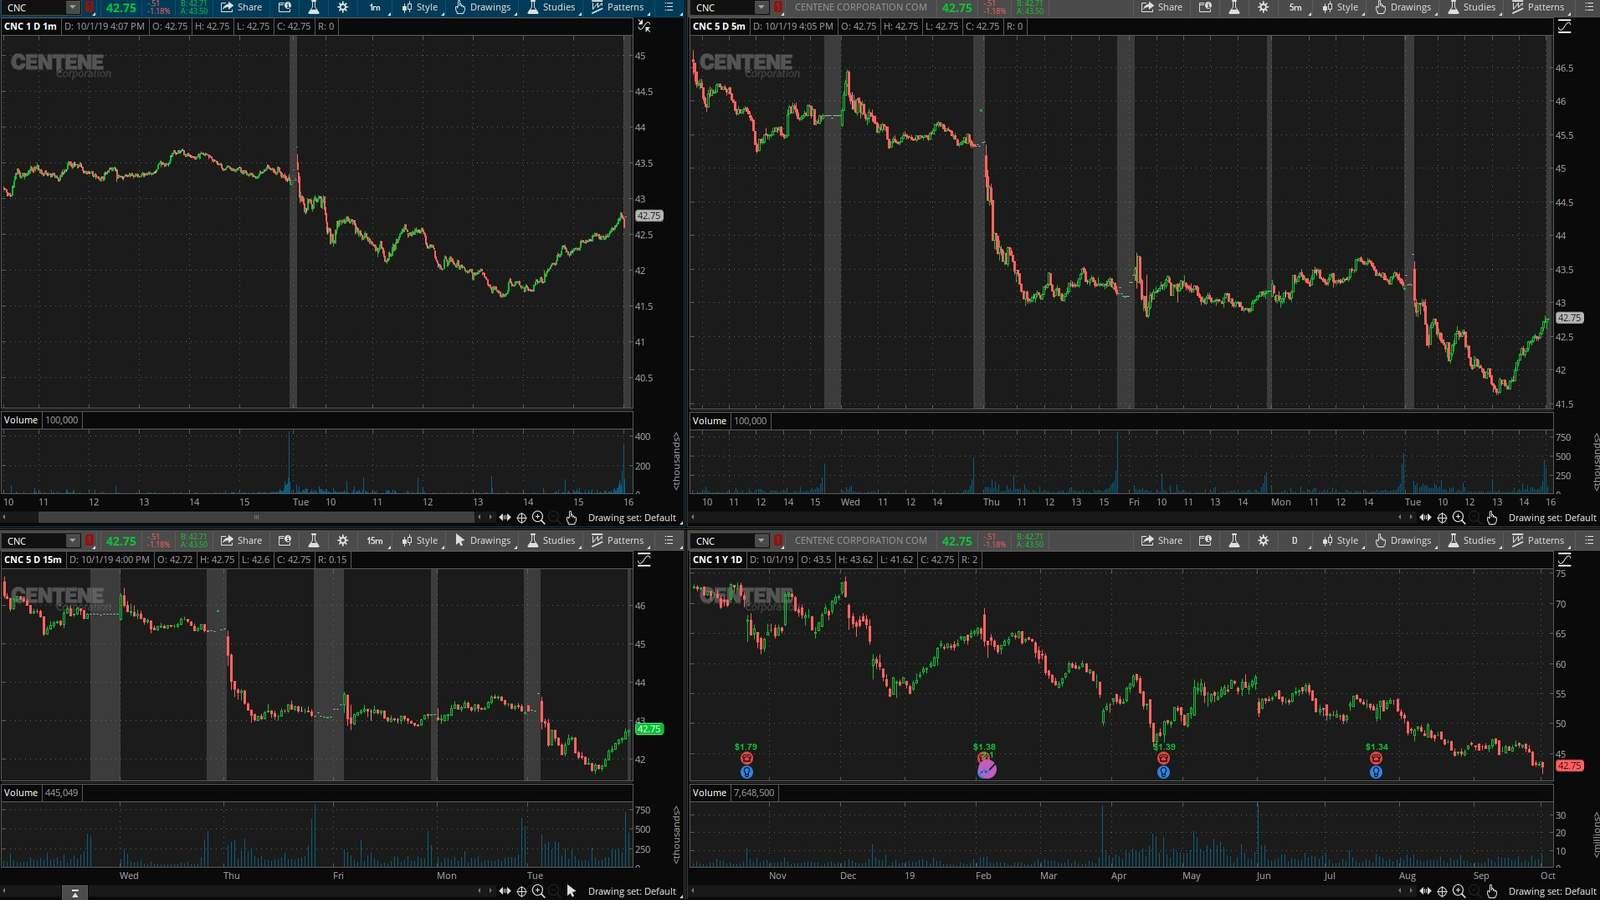 CNC акция на фондовой бирже